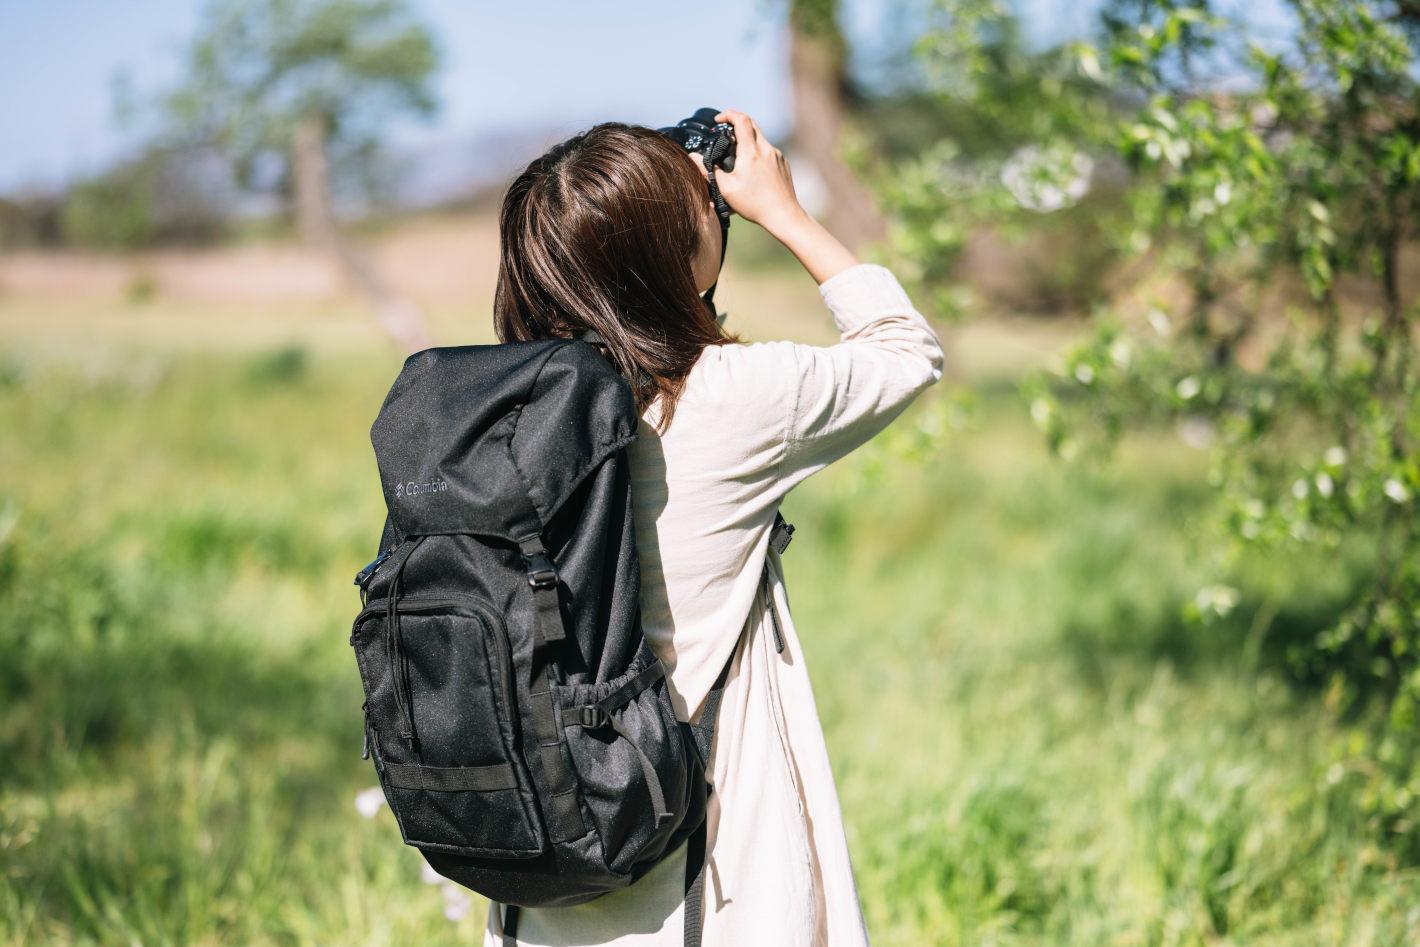 フォトグラファーの鞄の中身 - yasukaさんの日帰り旅の撮影スタイル